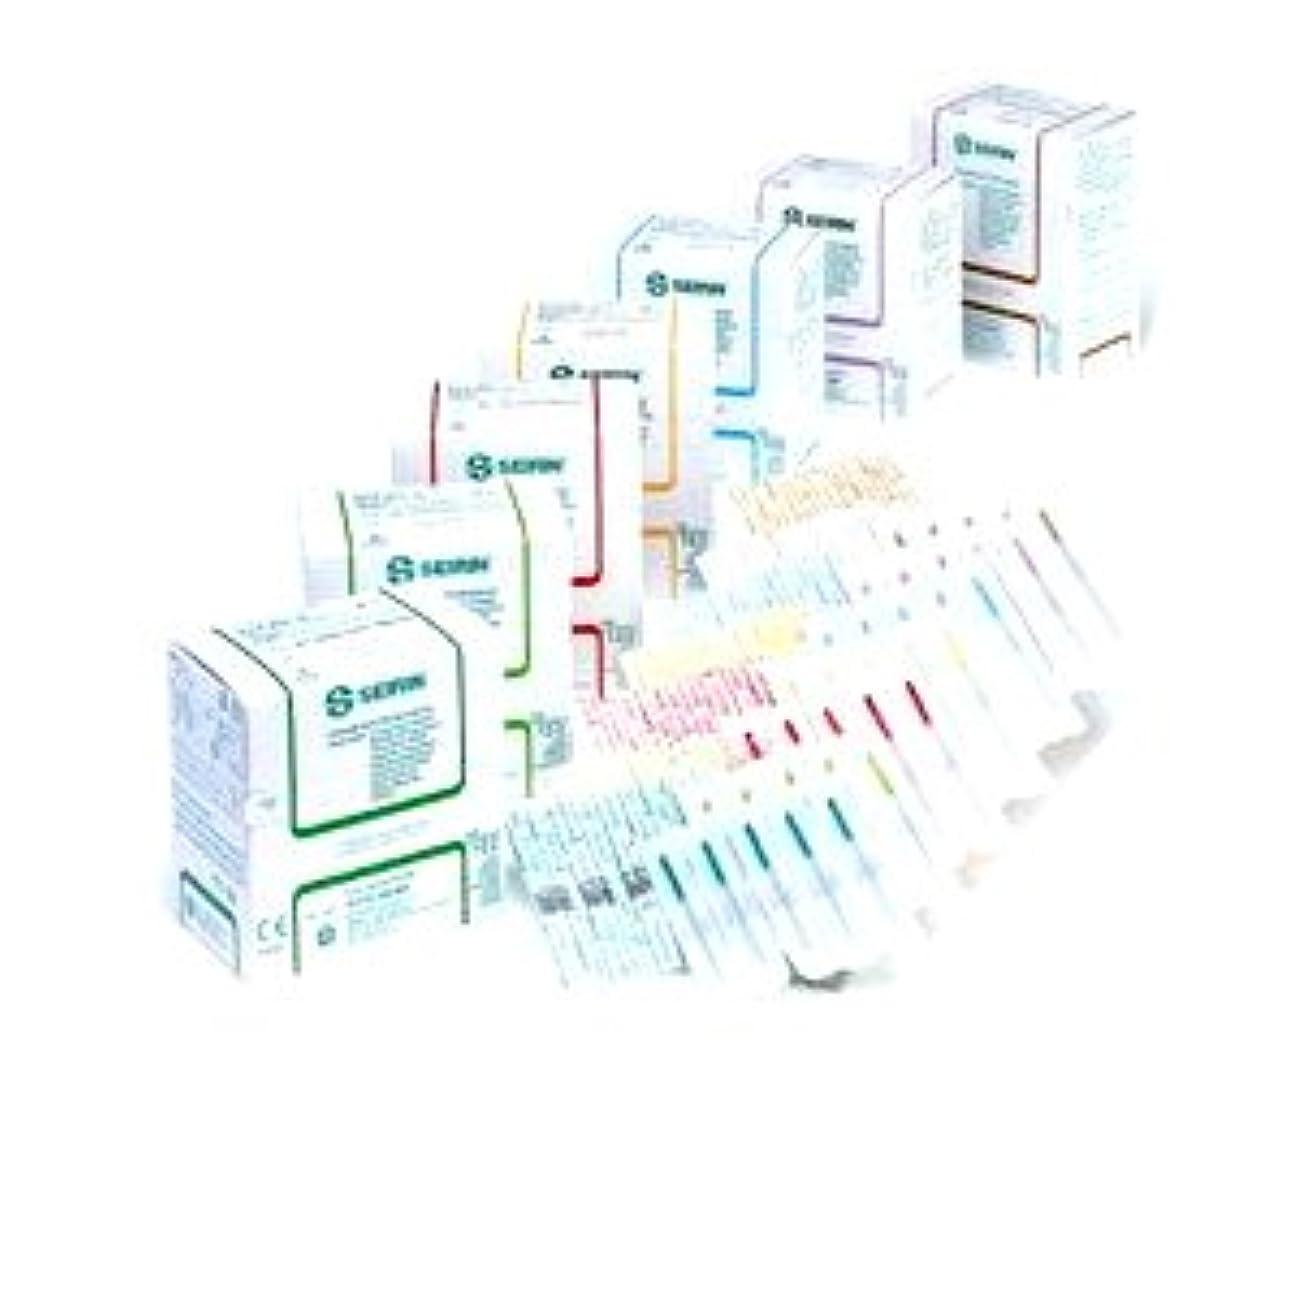 みピアニスト極端なセイリン鍼灸針Jタイプ 針長50mm 、スカイブルー(線径0.20mm)(プラスチック針管付)